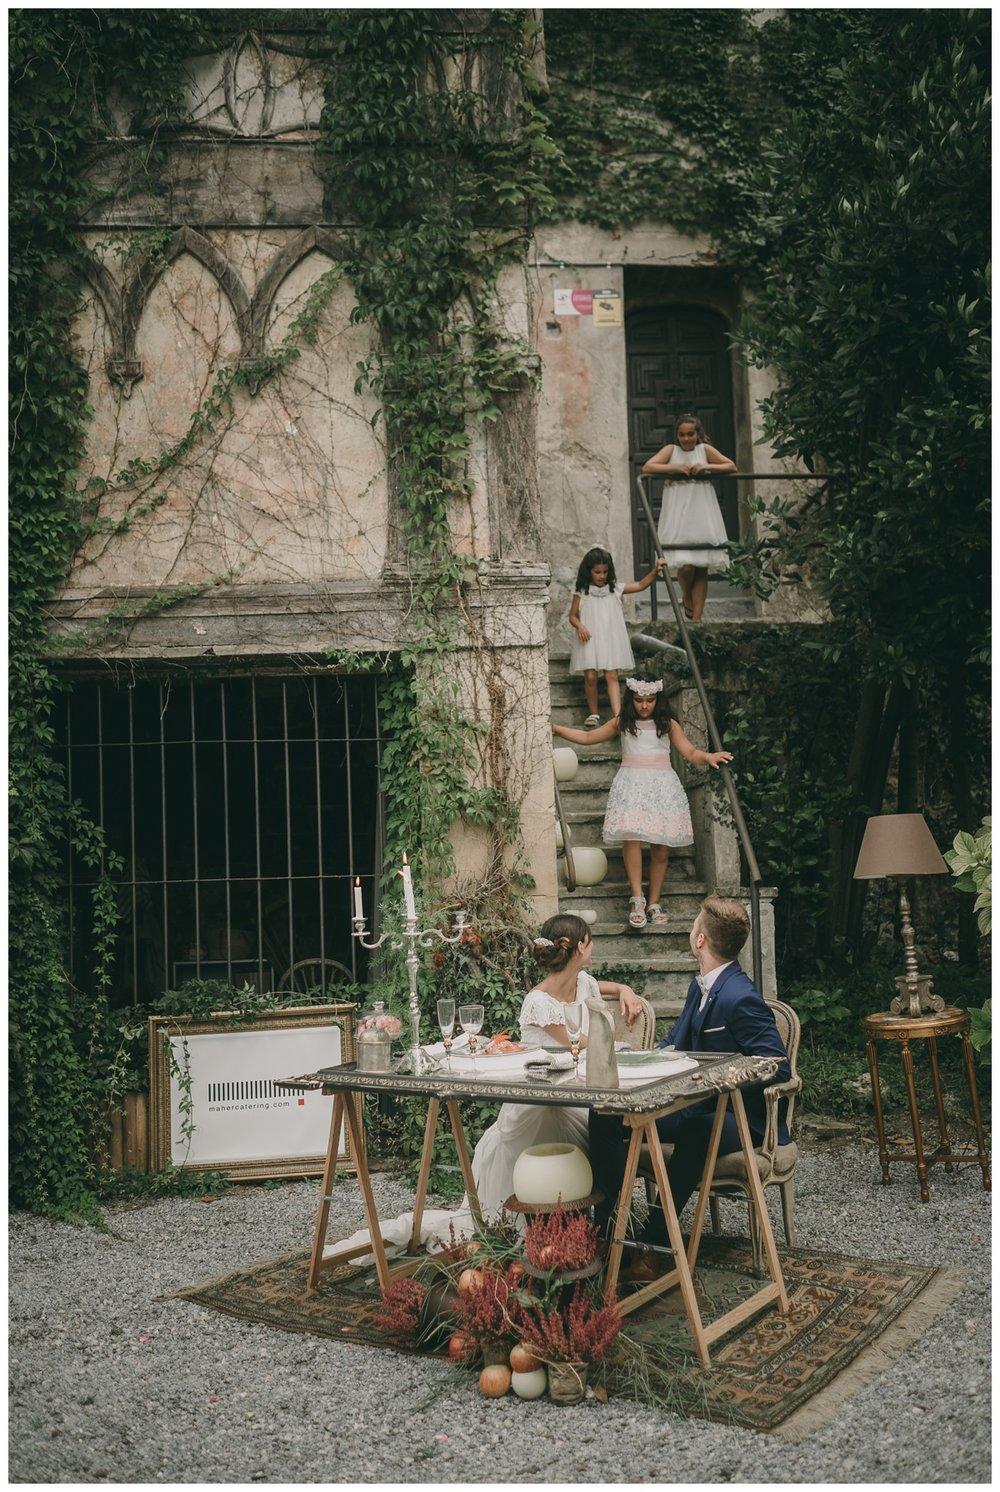 Fotografo_bodas_gipuzkoa_inhar mutiozabal_palacio_murguia_astigarraga_wedding_planner_reina_de_bodas_0047.jpg